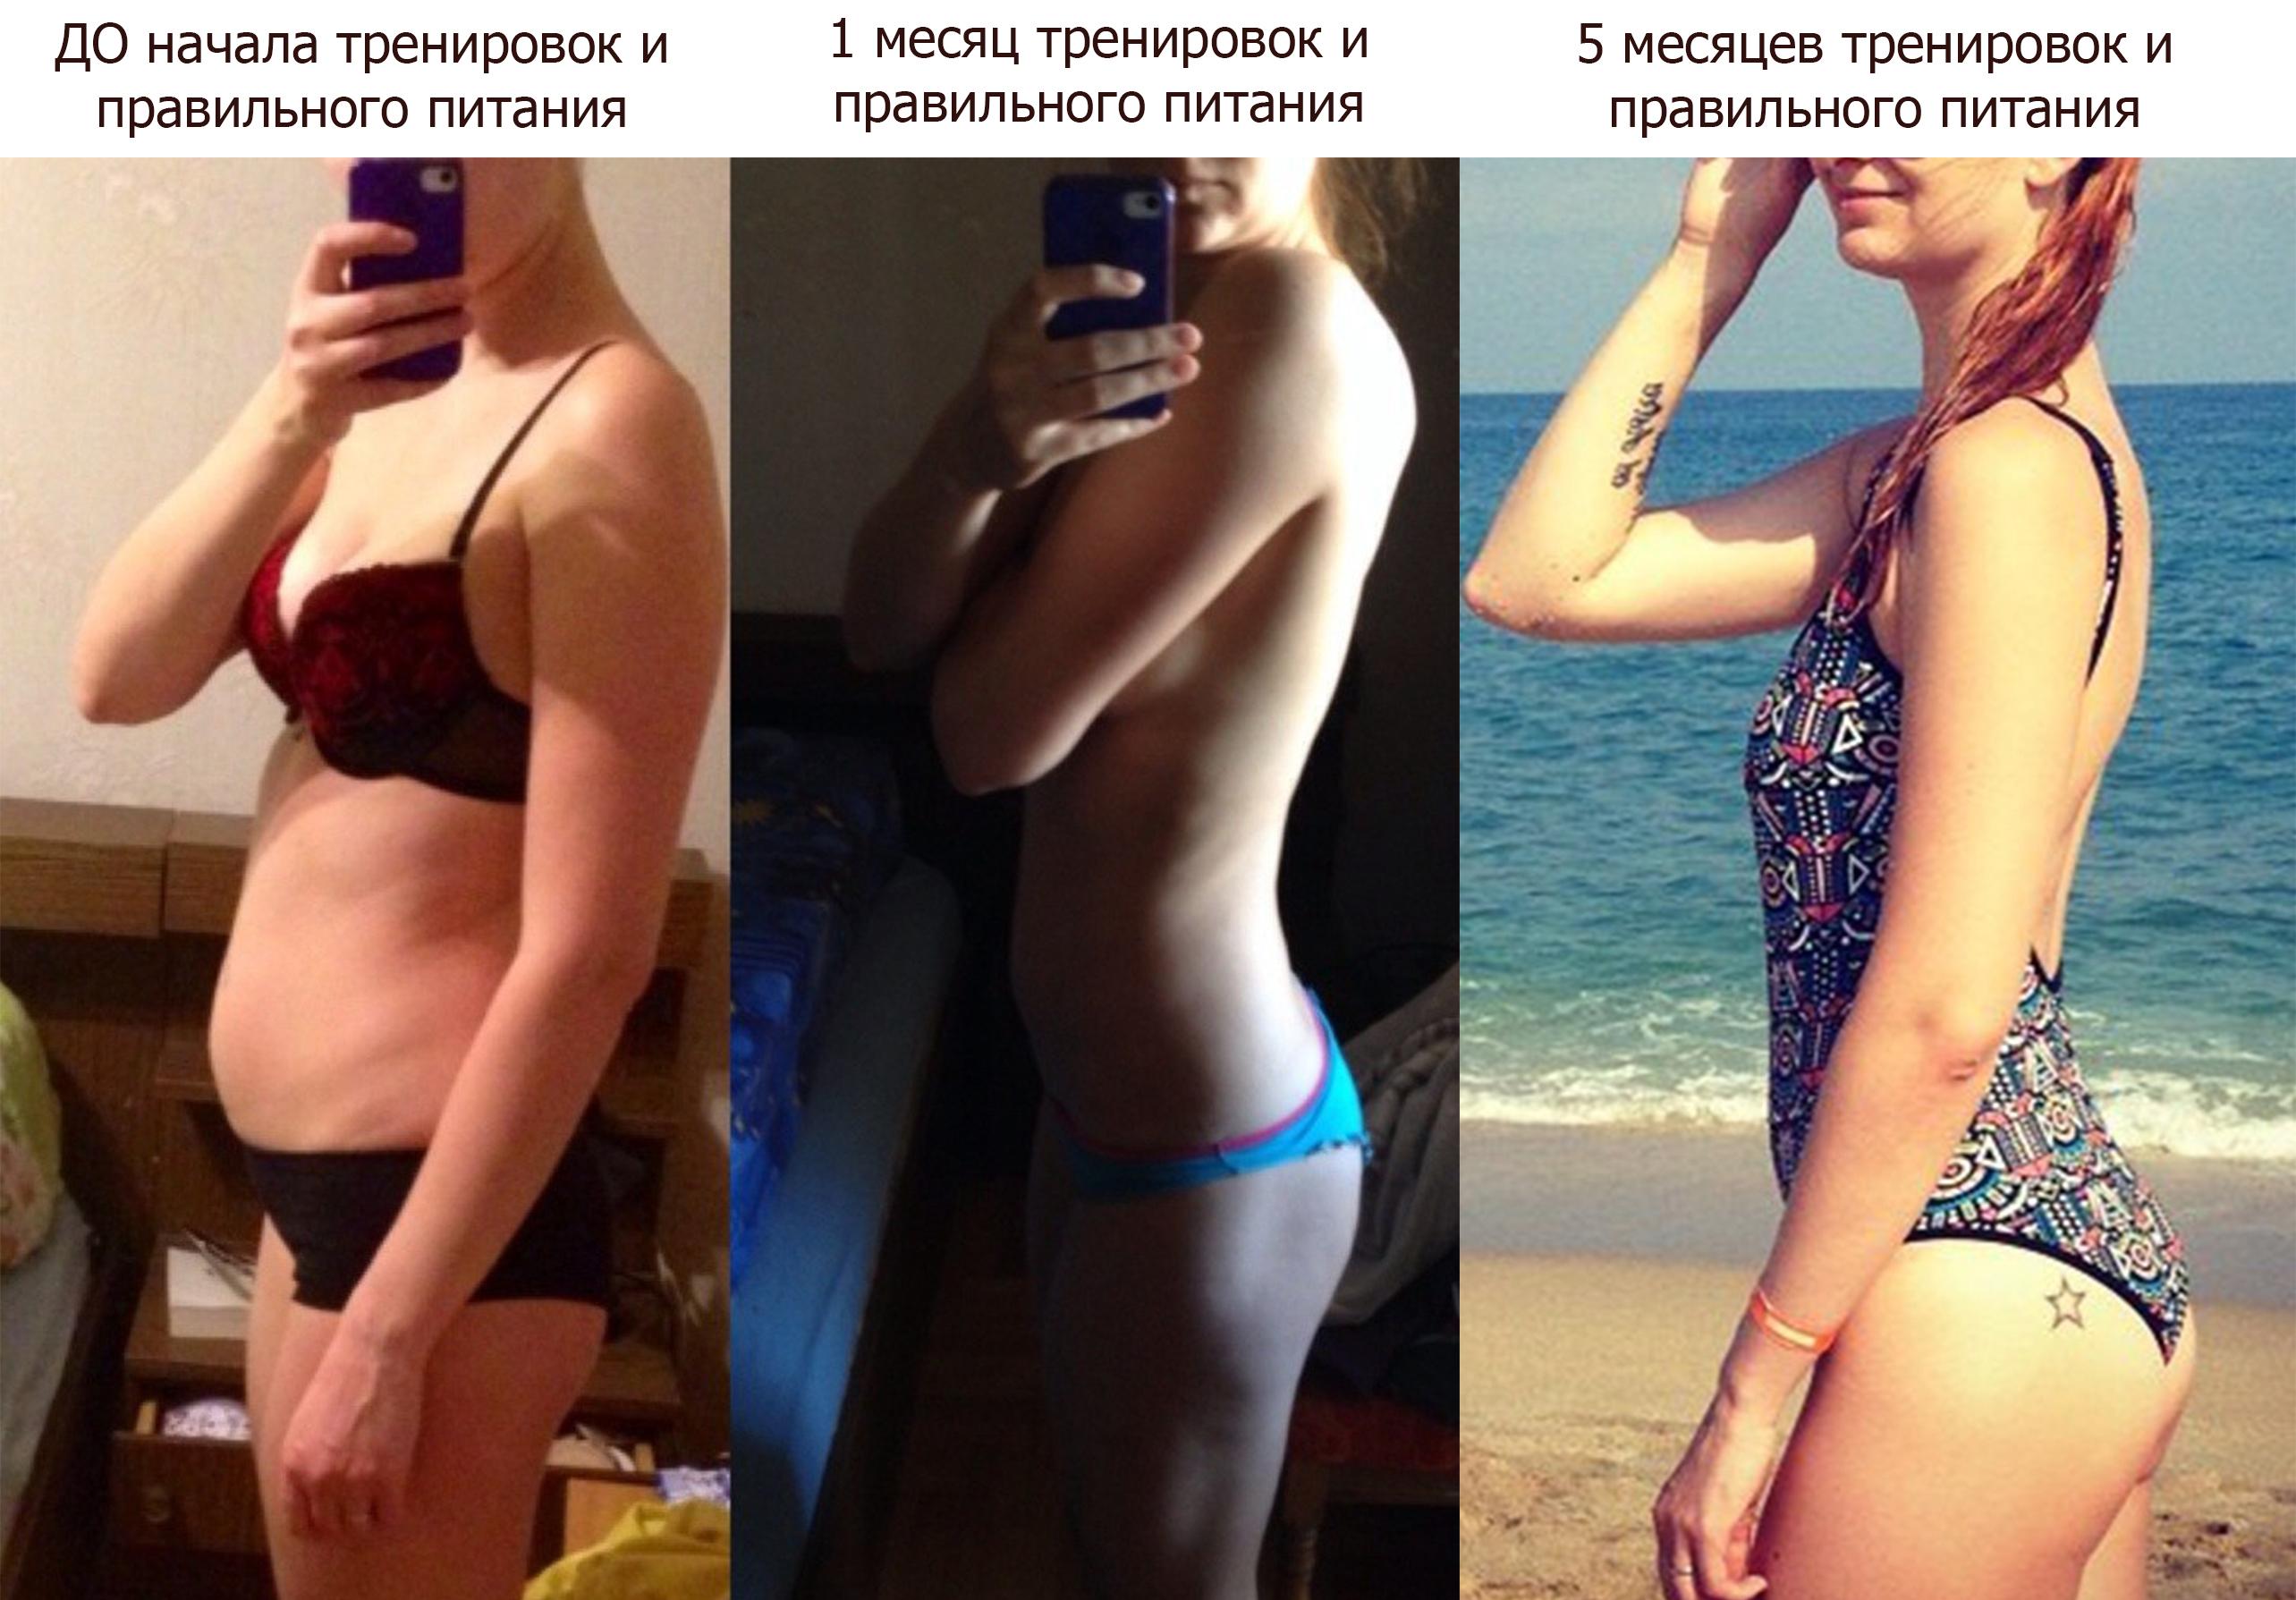 Русские телочки с круглыми попами 17 фотография